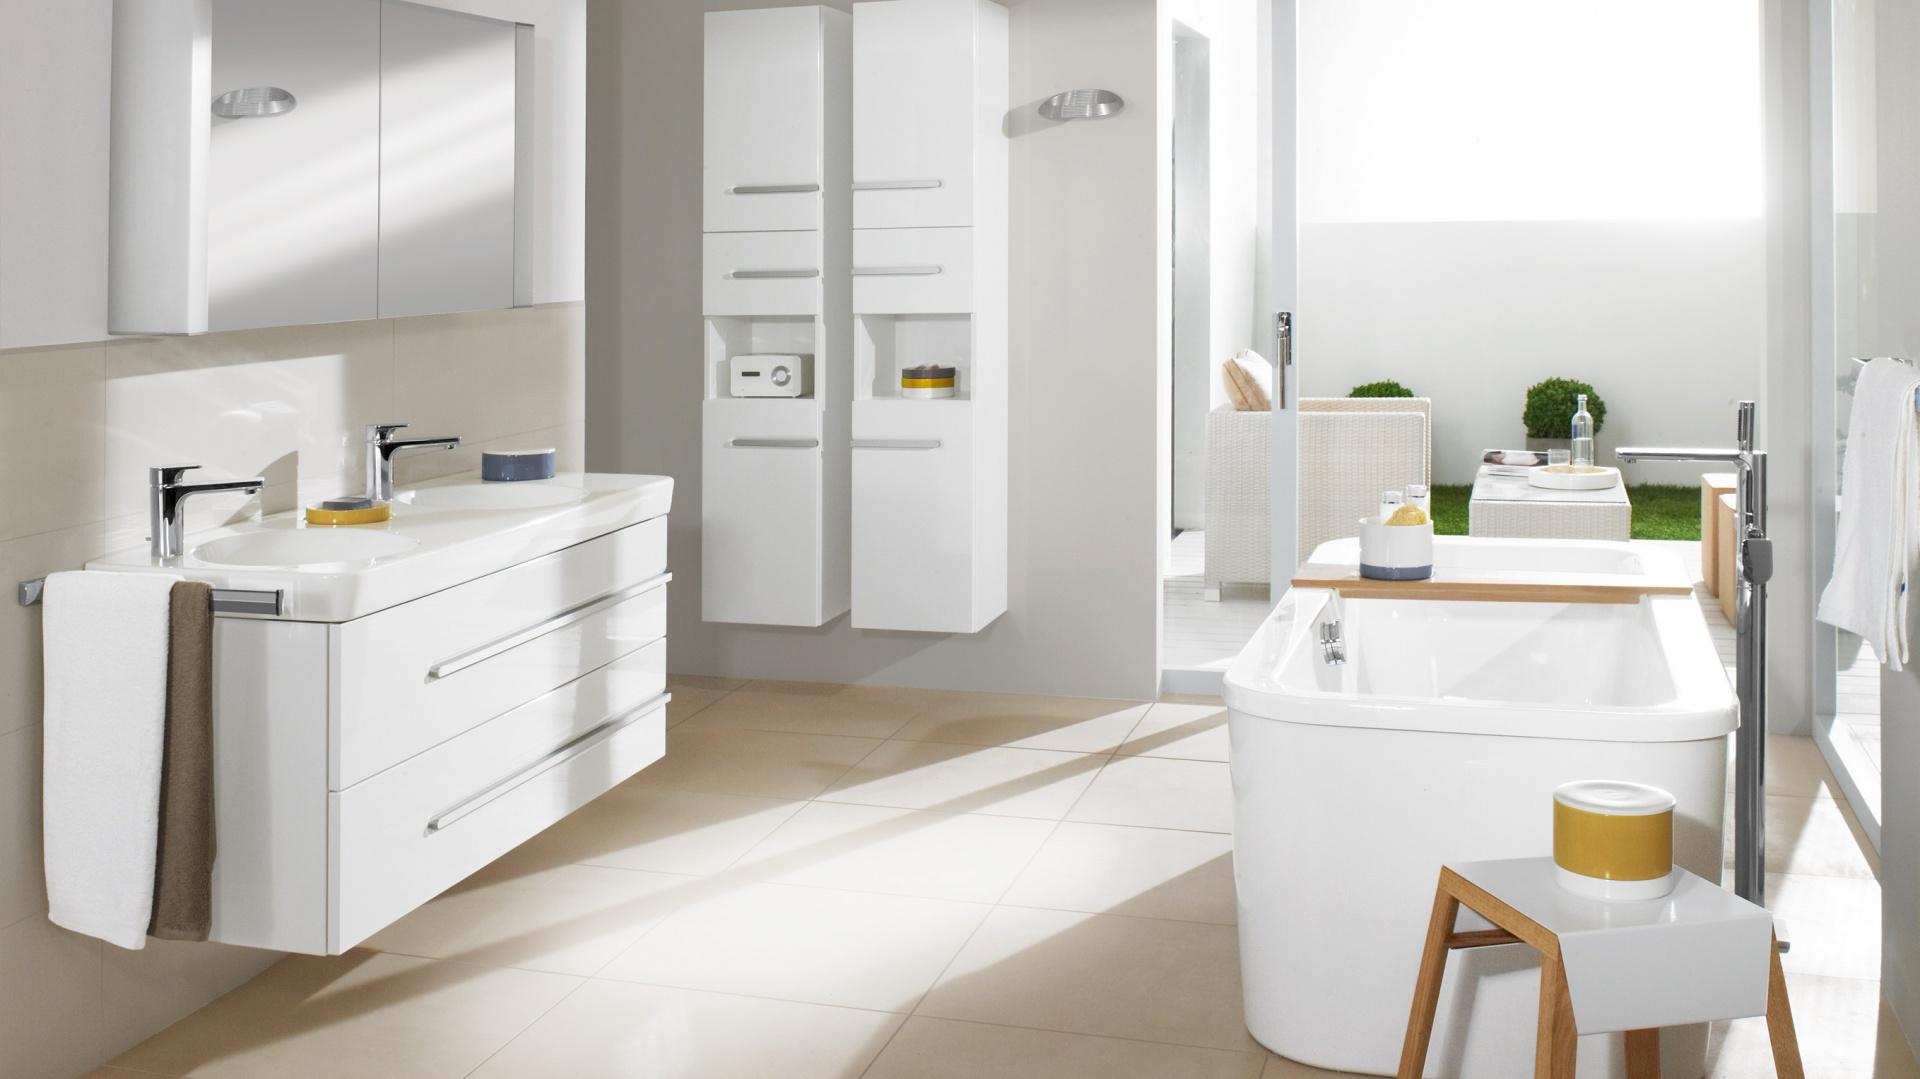 Podwójna umywalka z kolekcji Joyce. Blaty umywalkowe o ponadczasowym wzornictwie posiadają głębokie umywalki oferowane w sześciu rozmiarach. Fot. Villeroy&Boch.